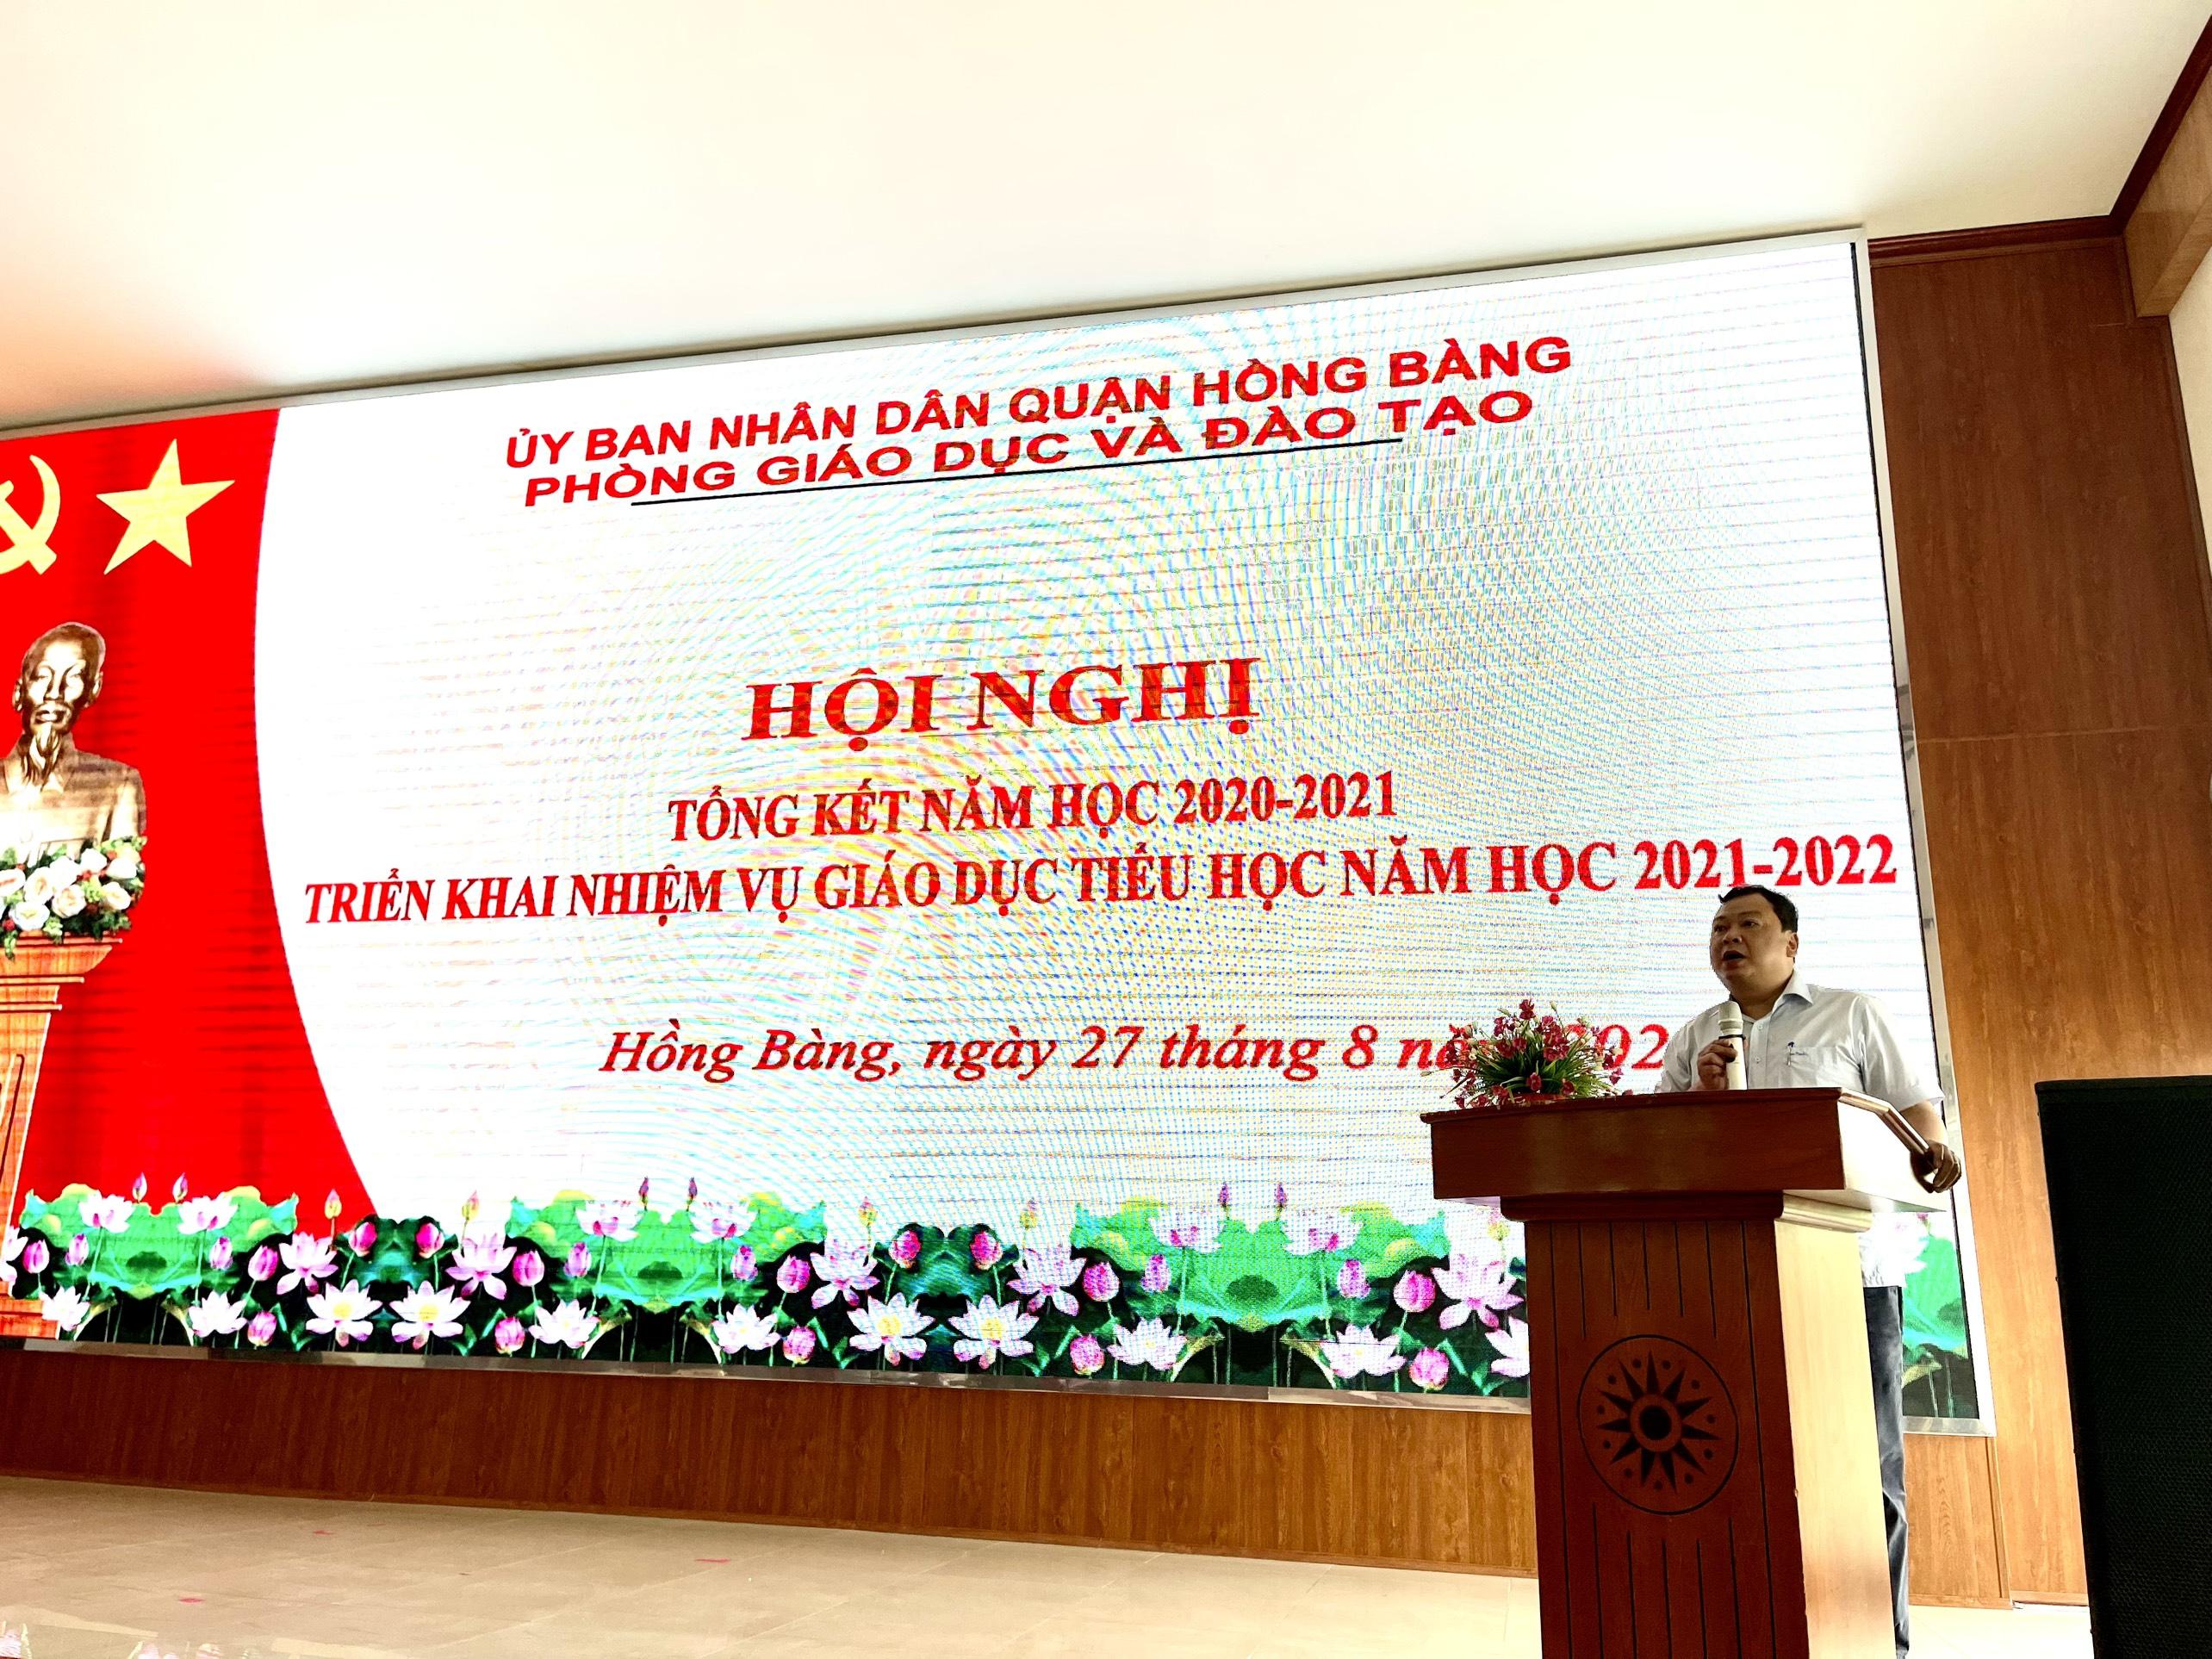 Hội nghị Tổng kết năm học 2020-2021, triển khai nhiệm vụ năm học 2021-2022 đối với Giáo dục Tiểu học quận Hồng Bàng